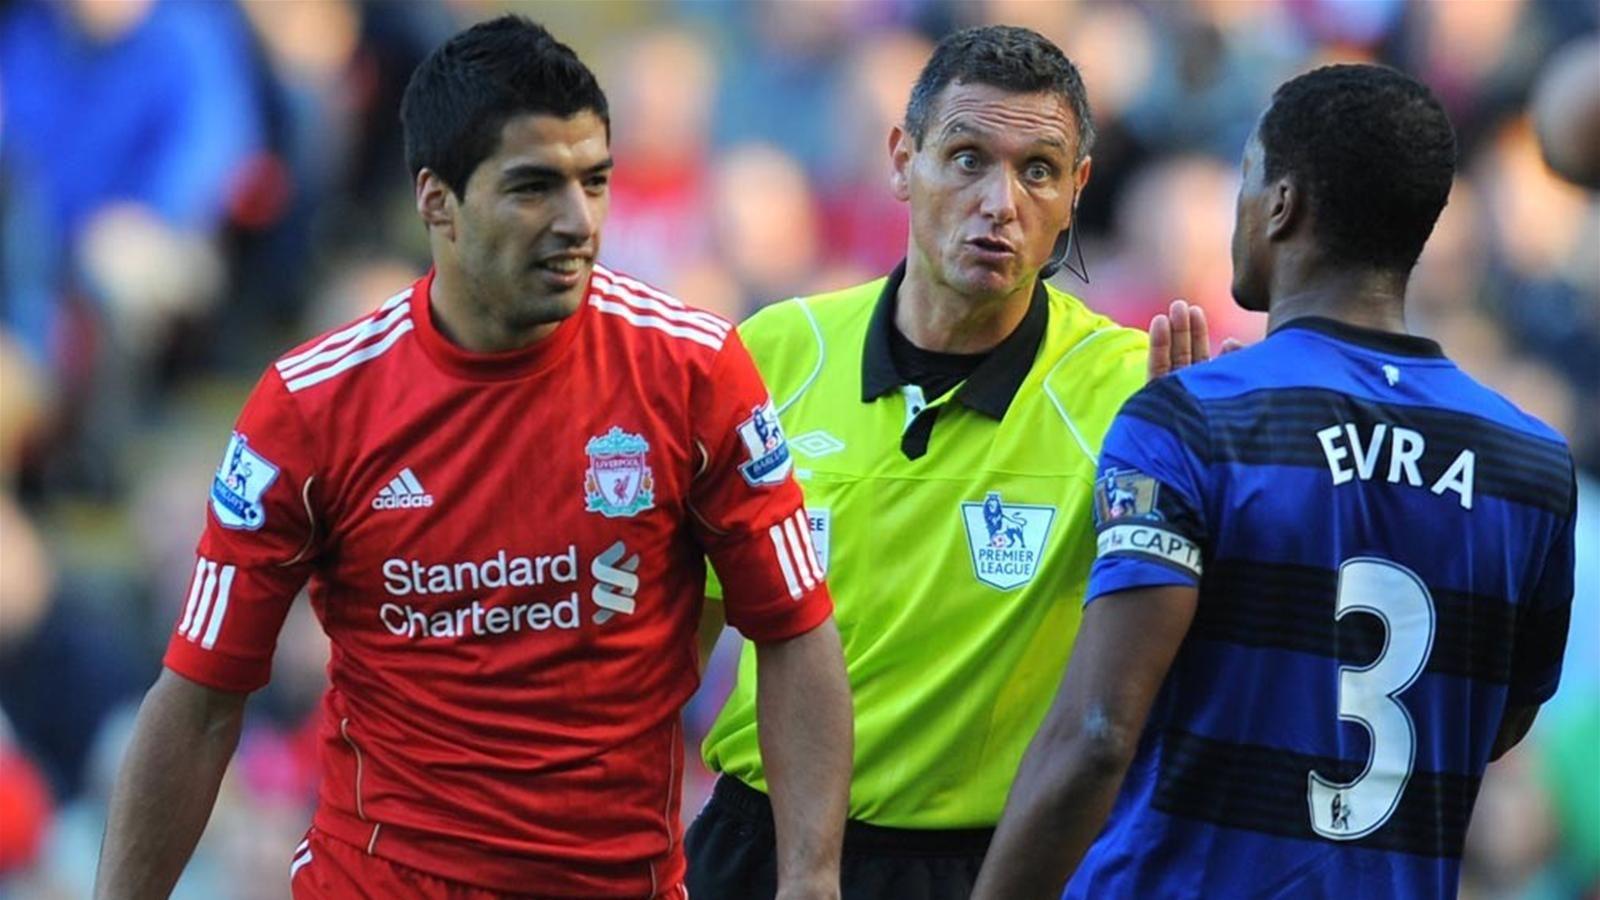 Sau tất cả, Evra nhận điều đặc biệt từ Liverpool sau scandal với Suarez - Bóng Đá